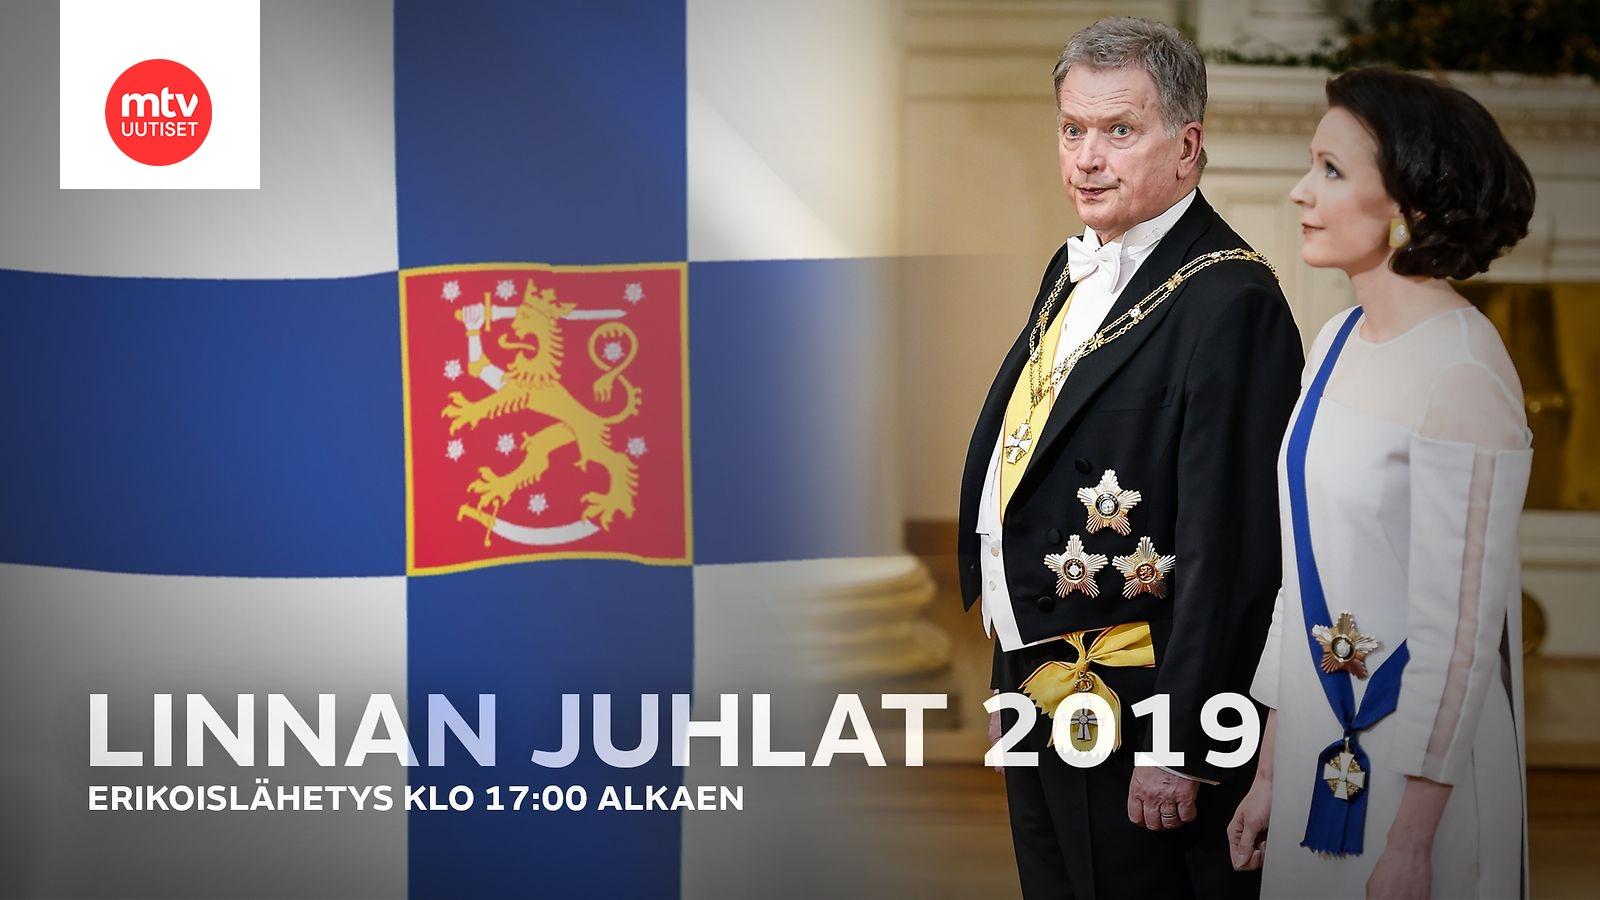 Linnan Juhlat Live